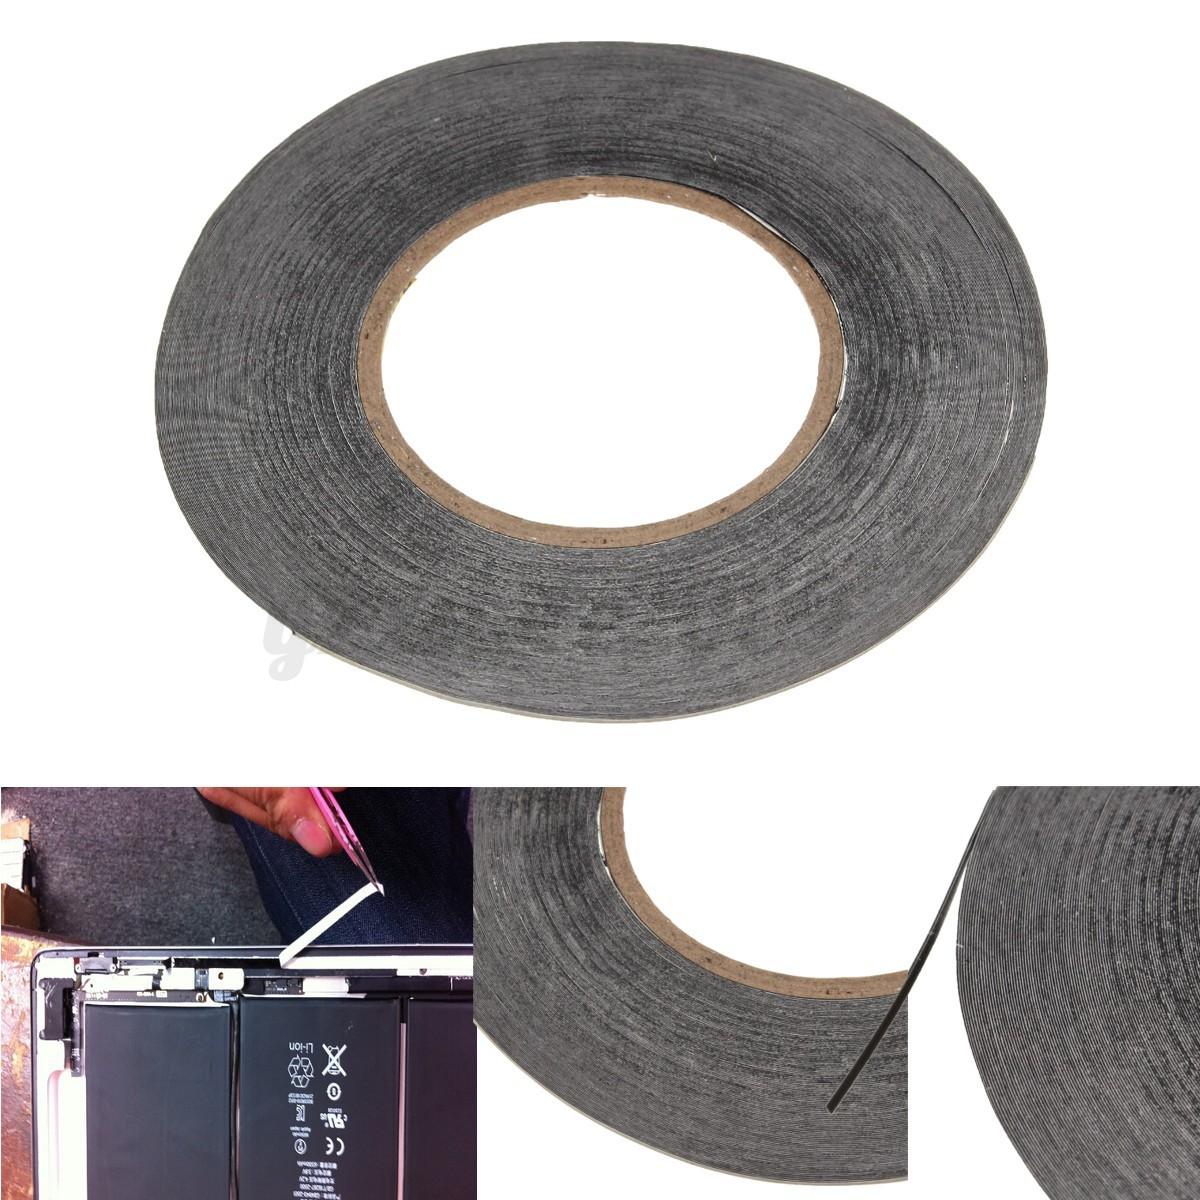 doppelseitiges klebeband 3m kleber streifen tape handy pad reparatur 1mmx50m ebay. Black Bedroom Furniture Sets. Home Design Ideas